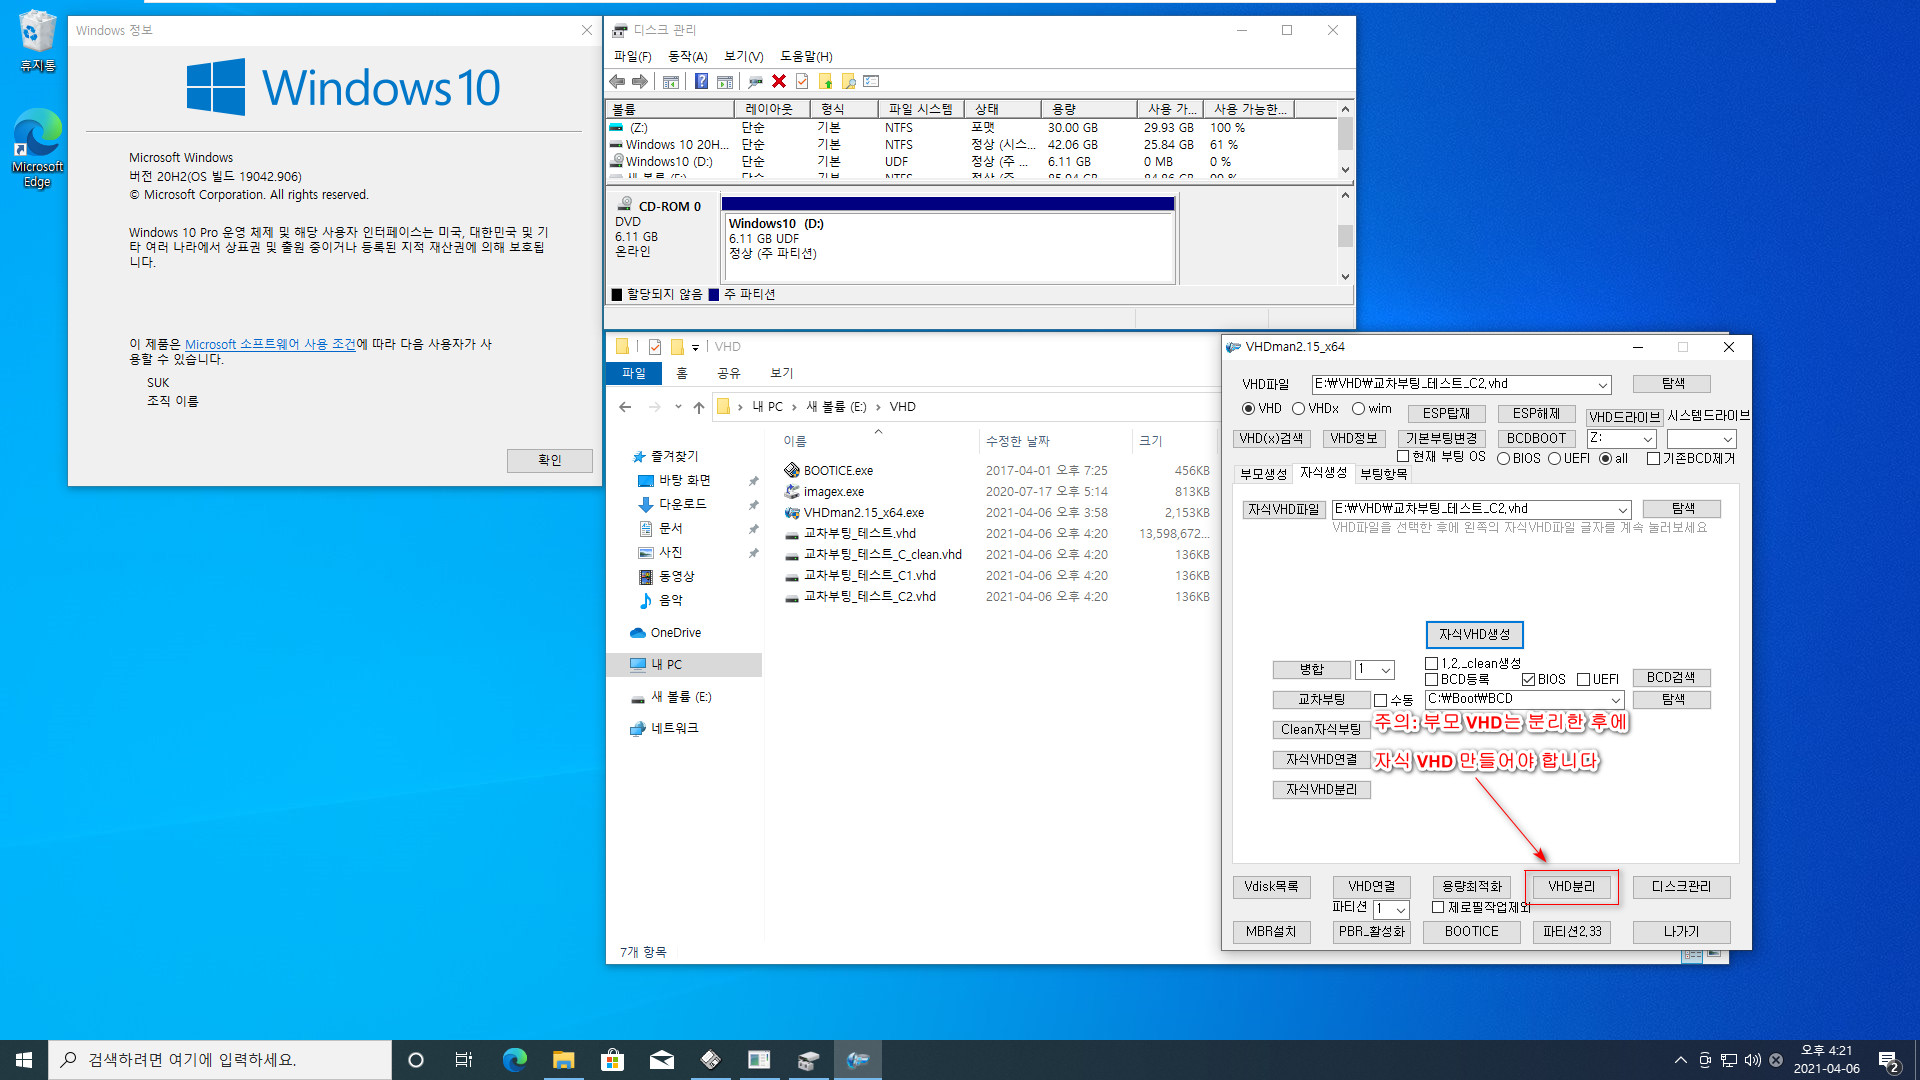 VHDman2.15으로 교차 부팅 테스트 2021-04-06_162103.jpg